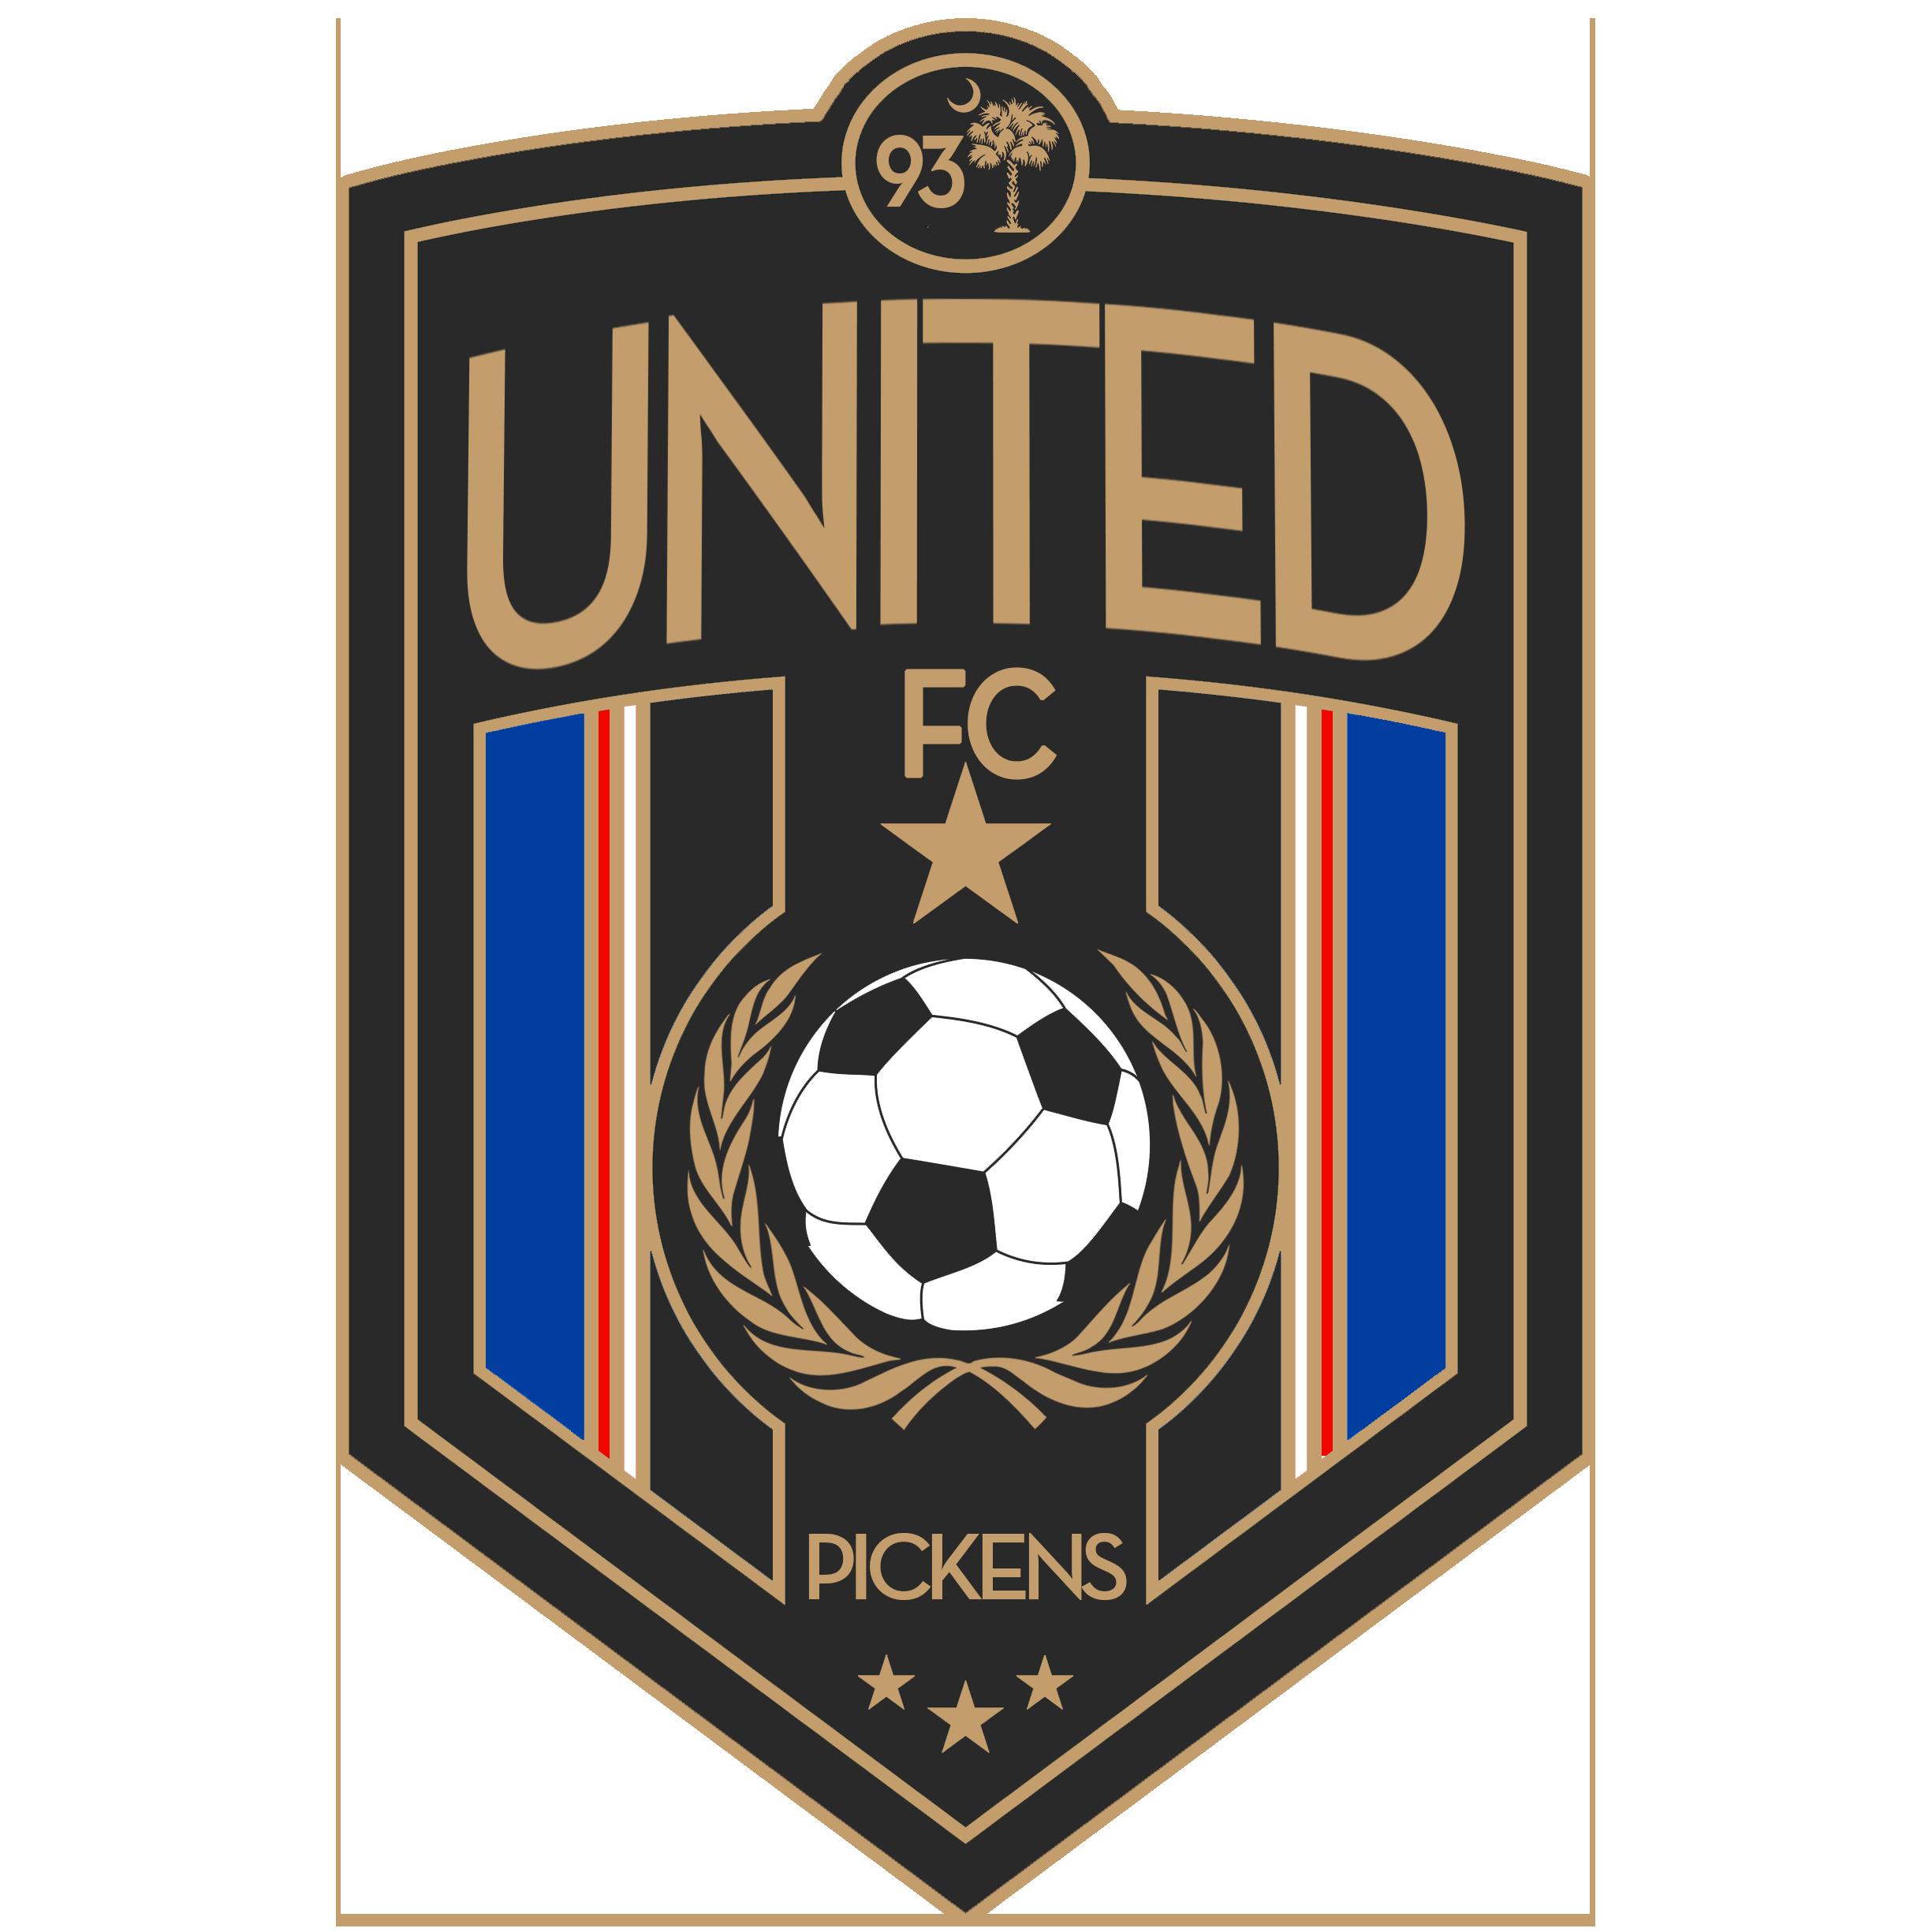 UnitedFC_2017_Pickens